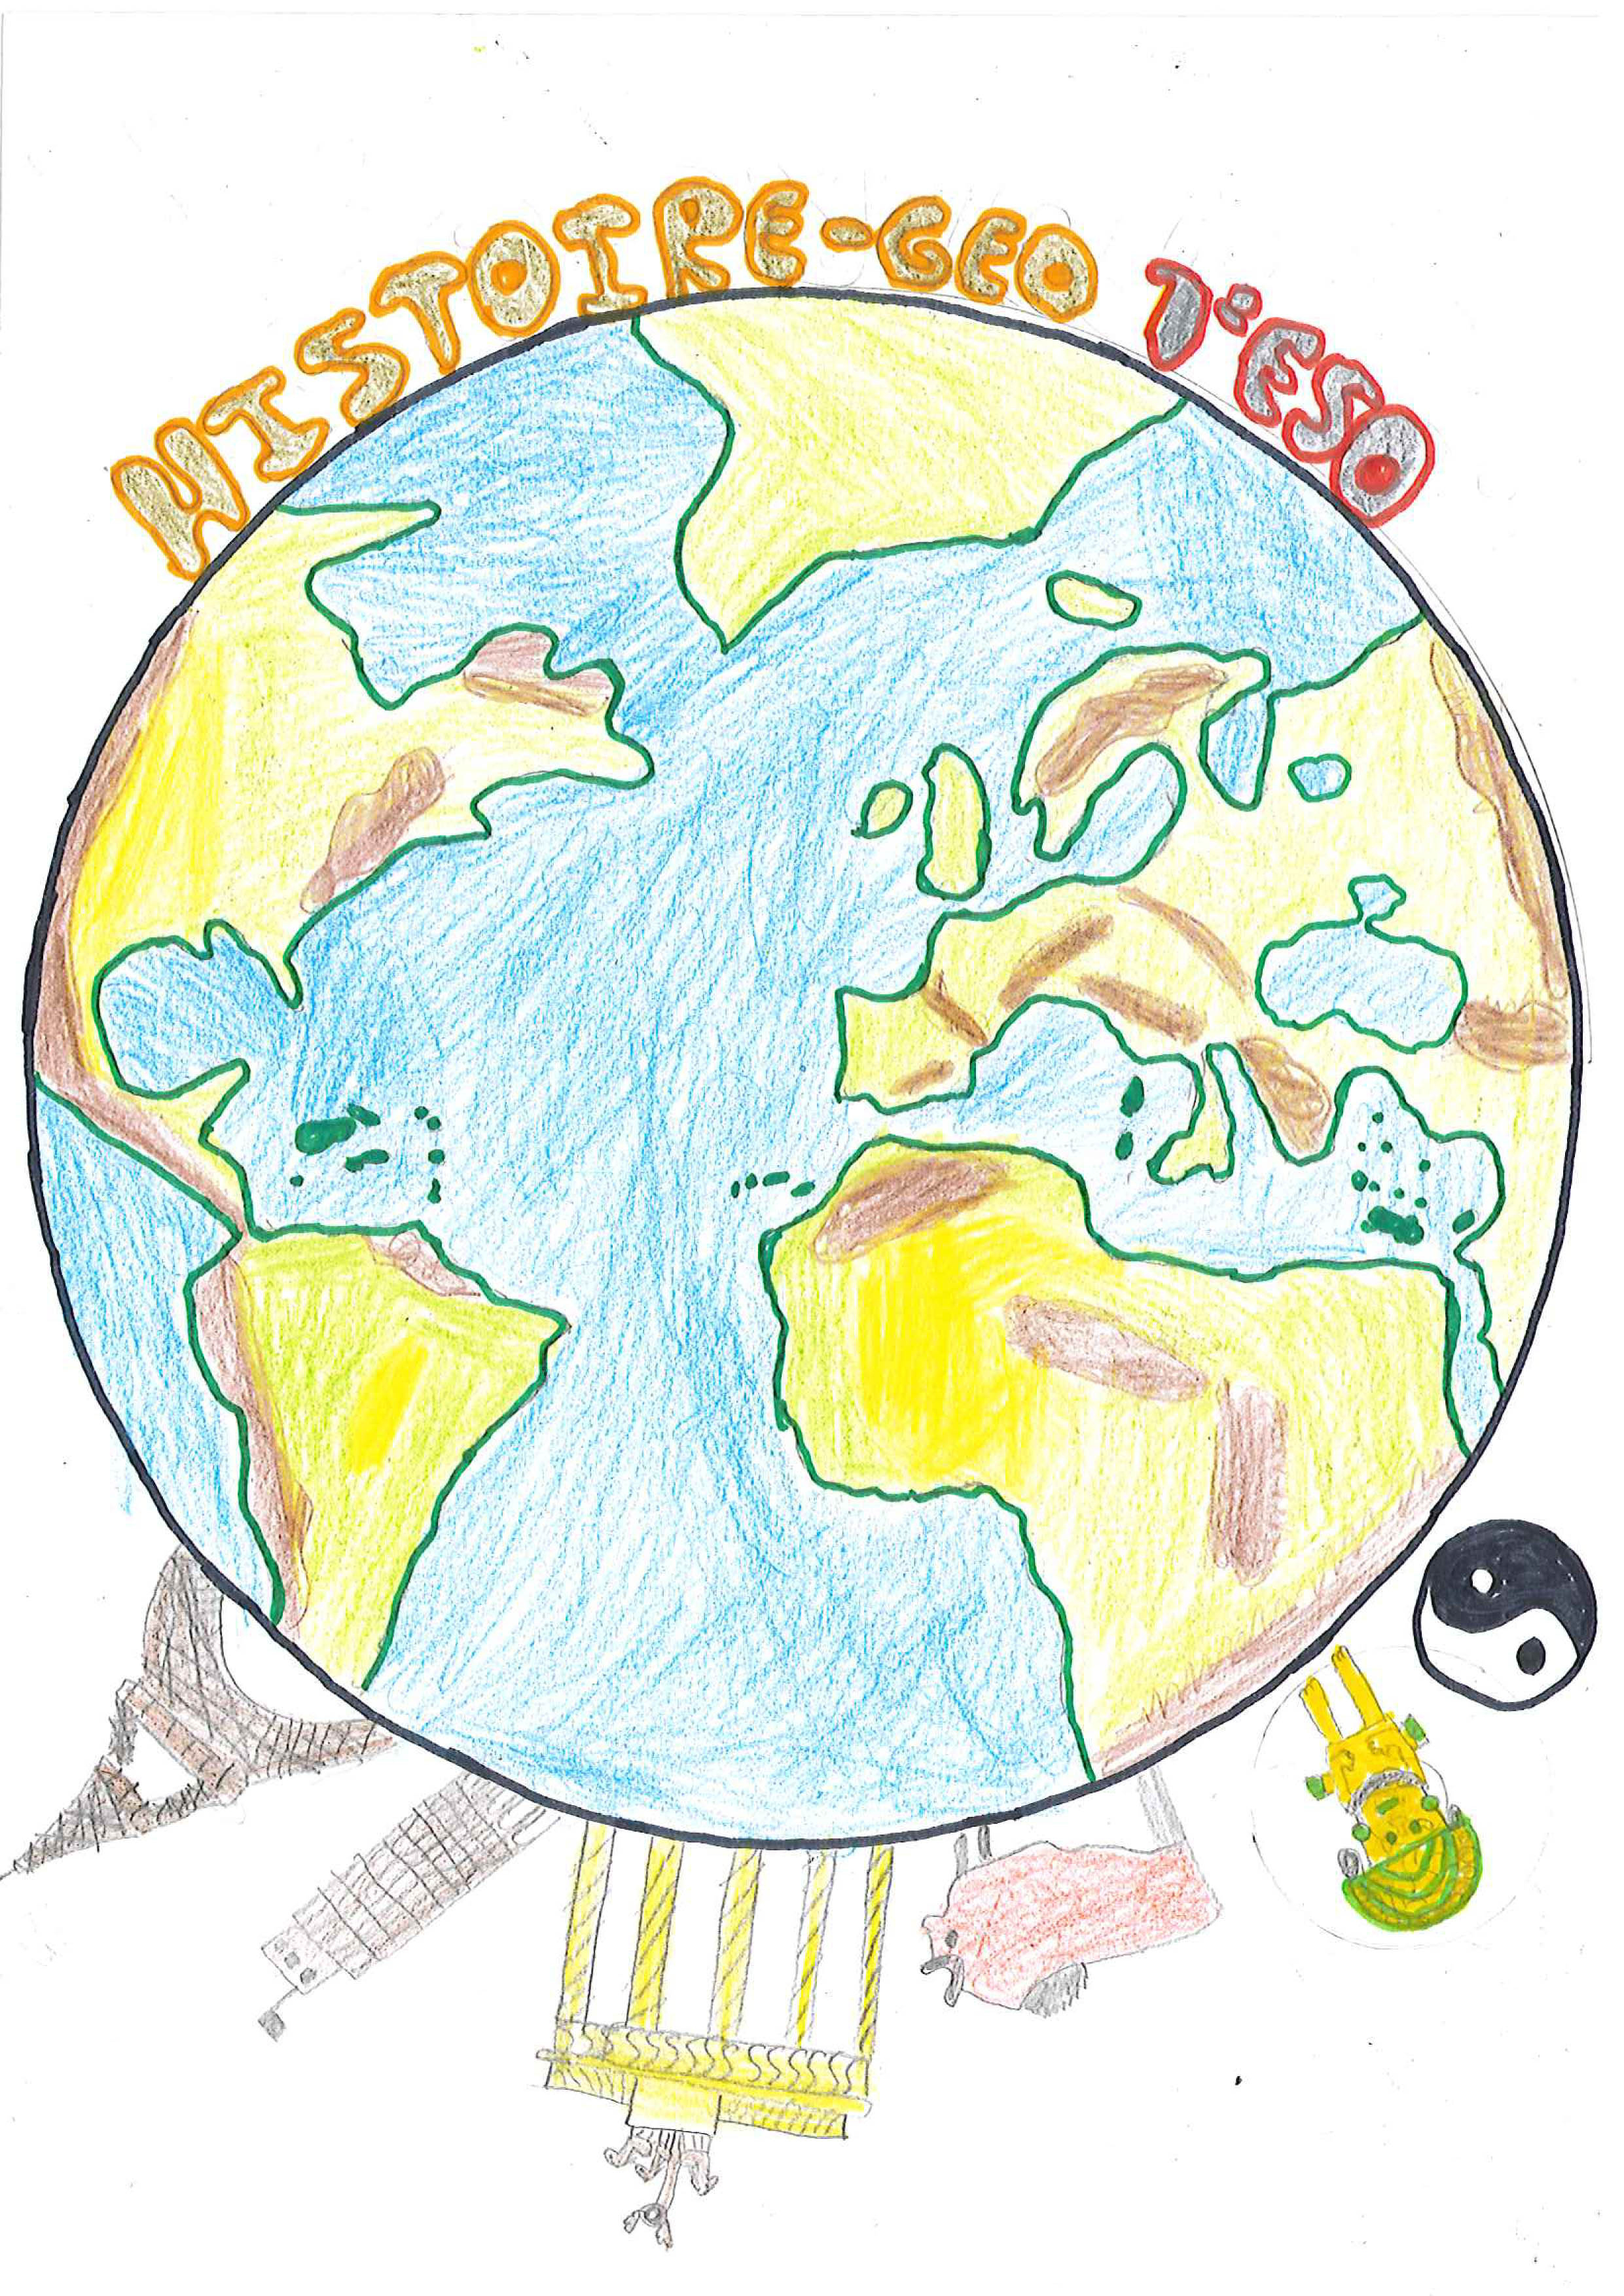 L'histoire-Géographie D'après L'un De Nos Groupes | Le Blog intérieur Dessin Sur L Histoire